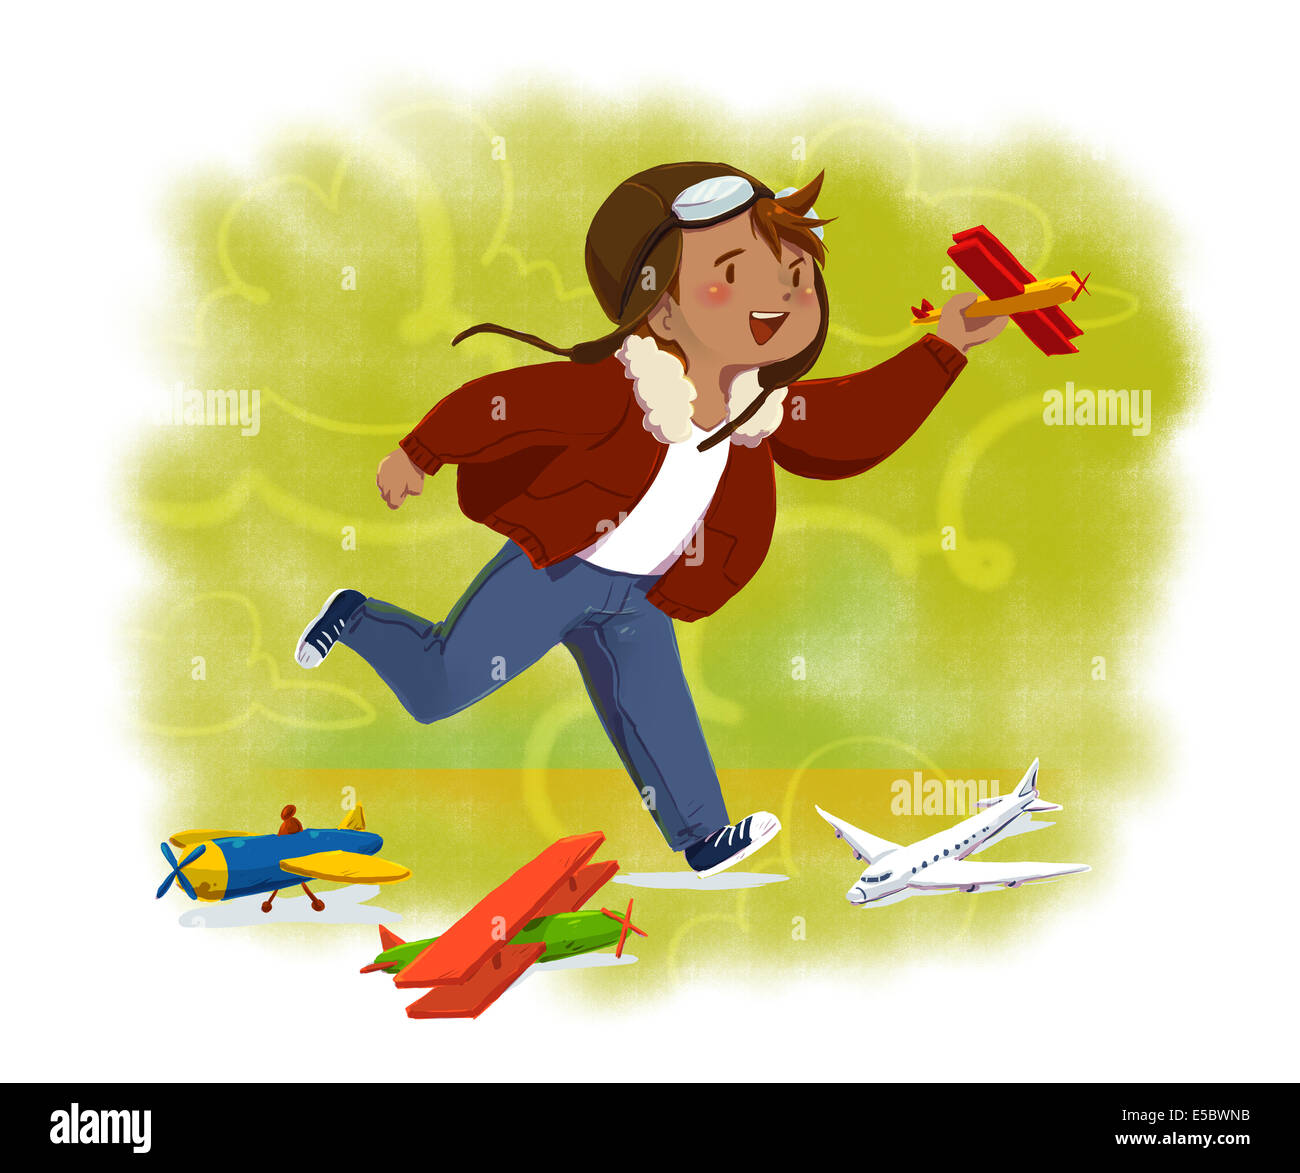 Imagen ilustrativa de niño volando avión de juguete que representa la aspiración Imagen De Stock